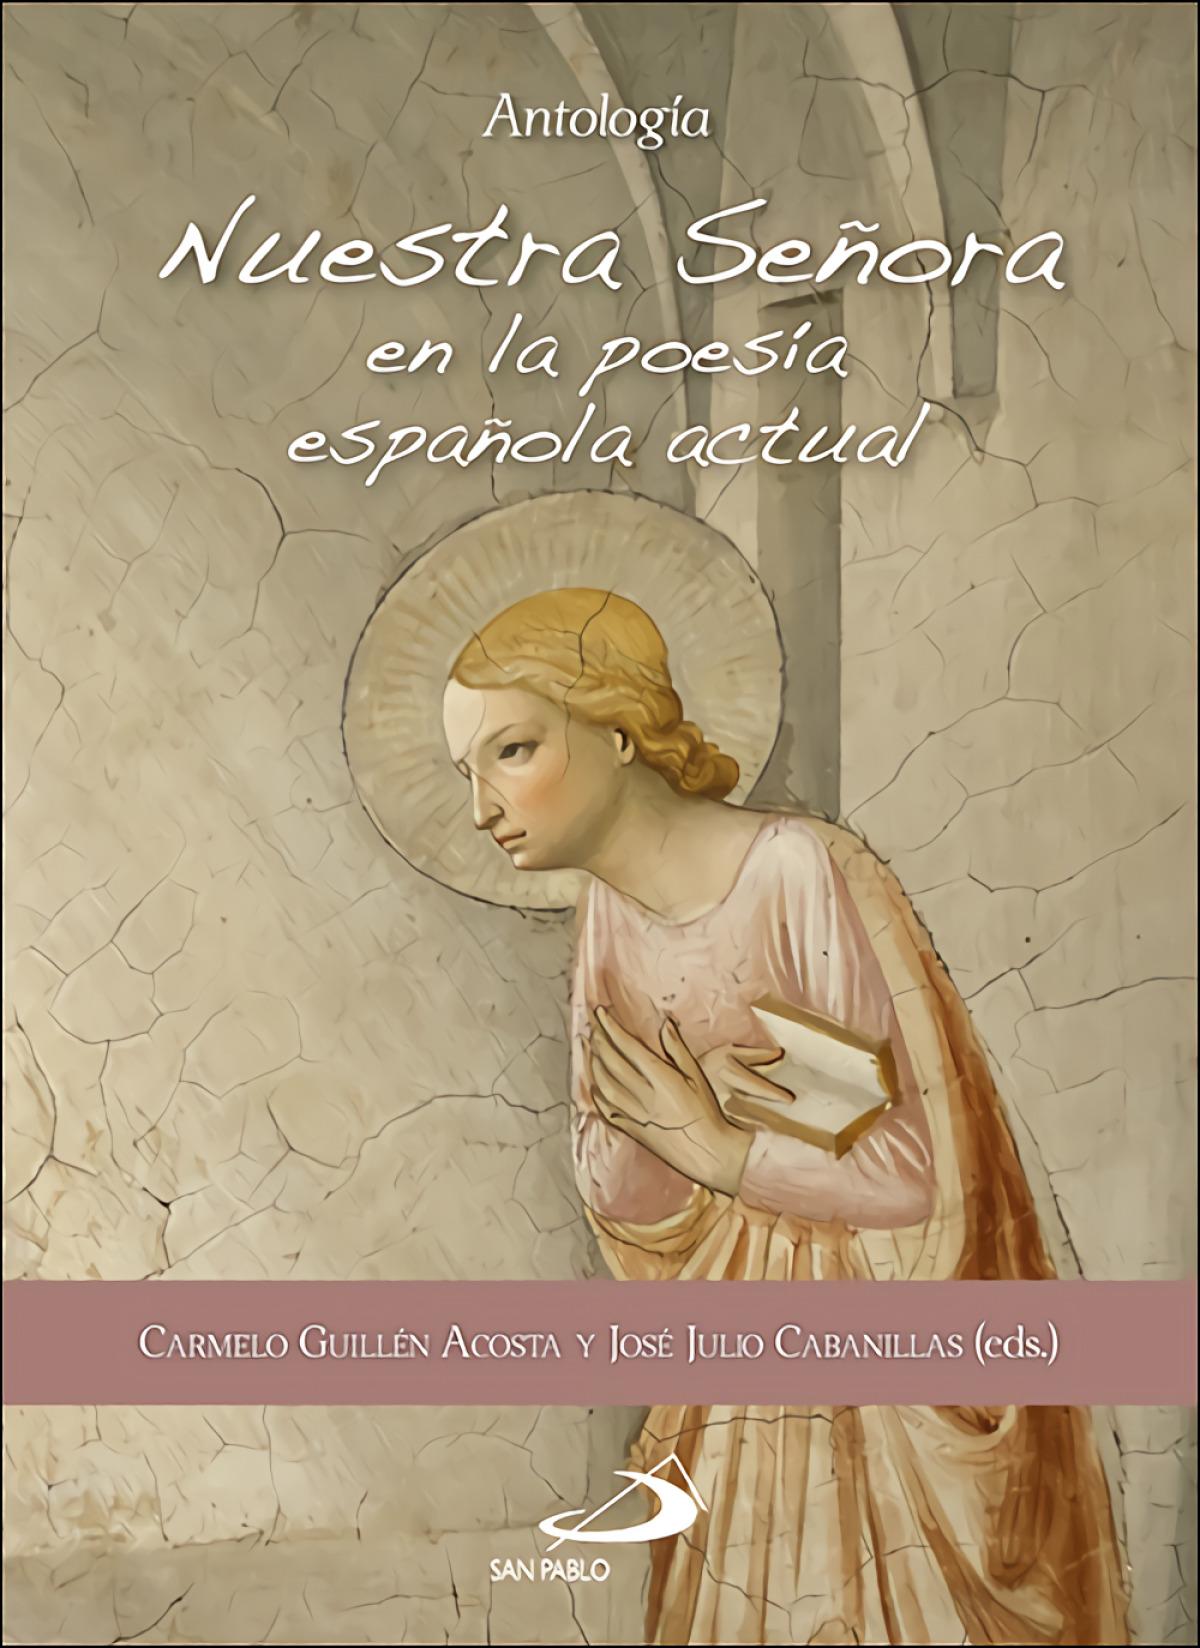 Nuestra Señora en la poesía española actual